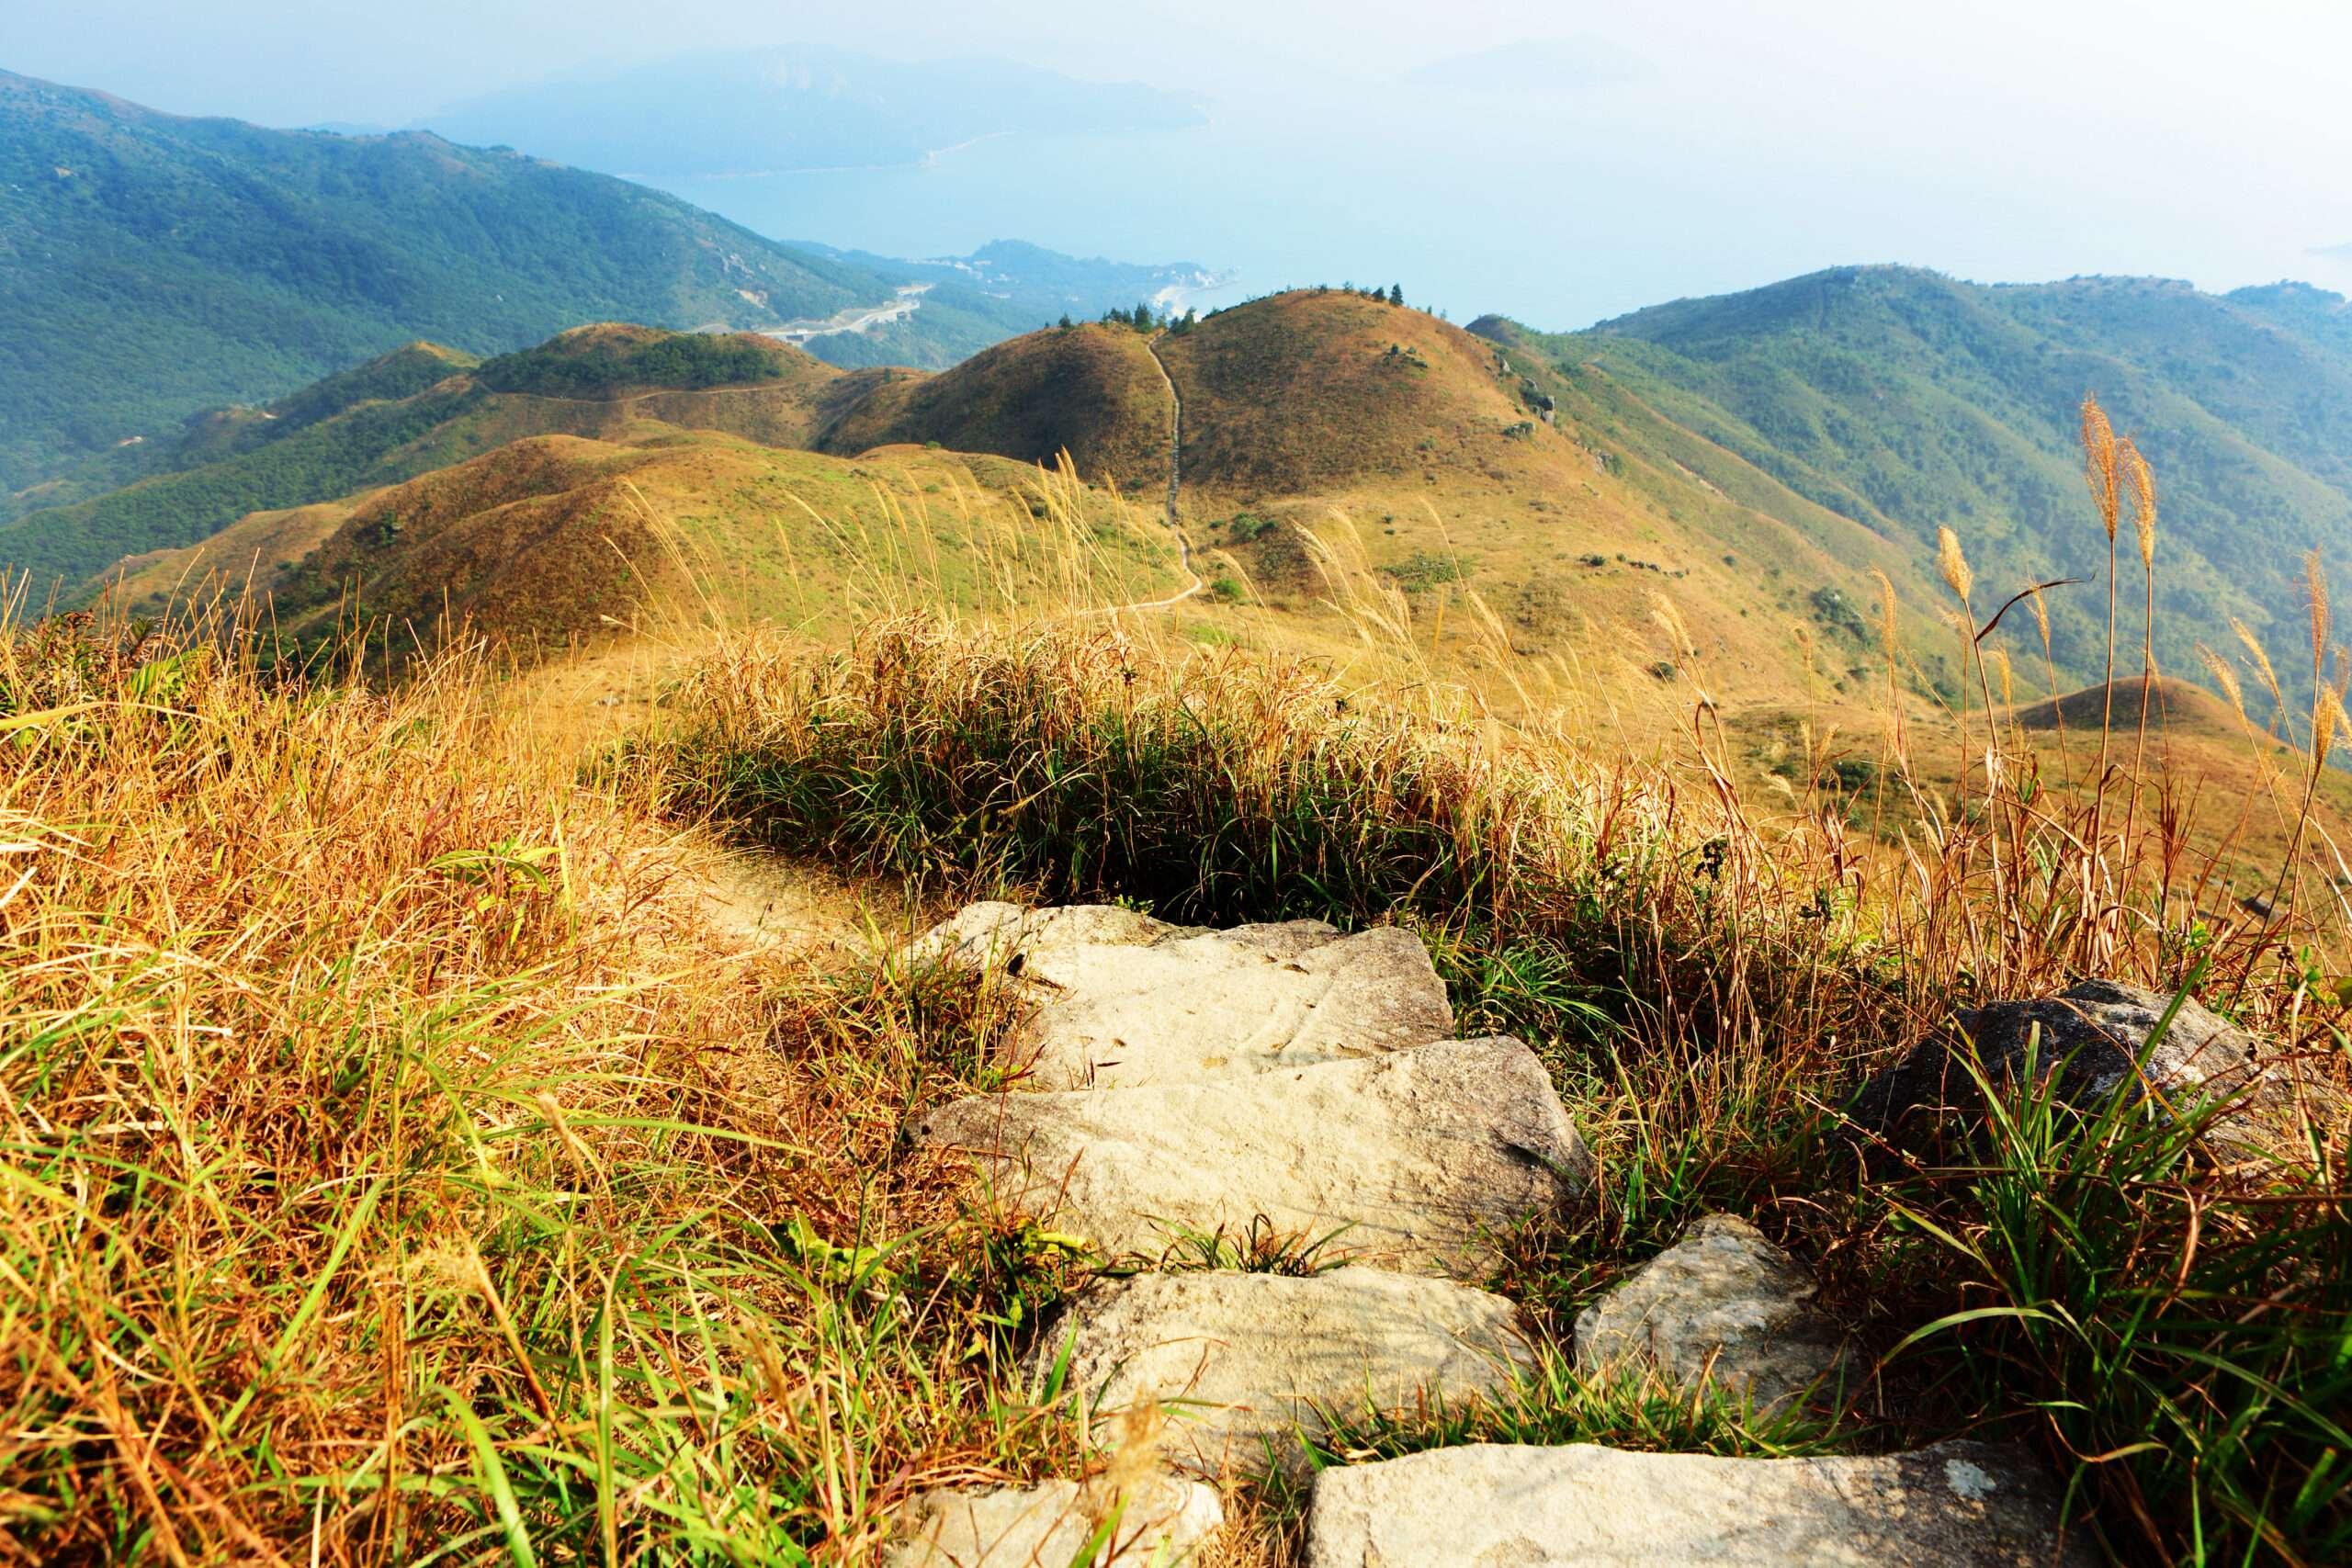 Ein Wanderweg, der über Bergrücken in die Ferne verläuft.